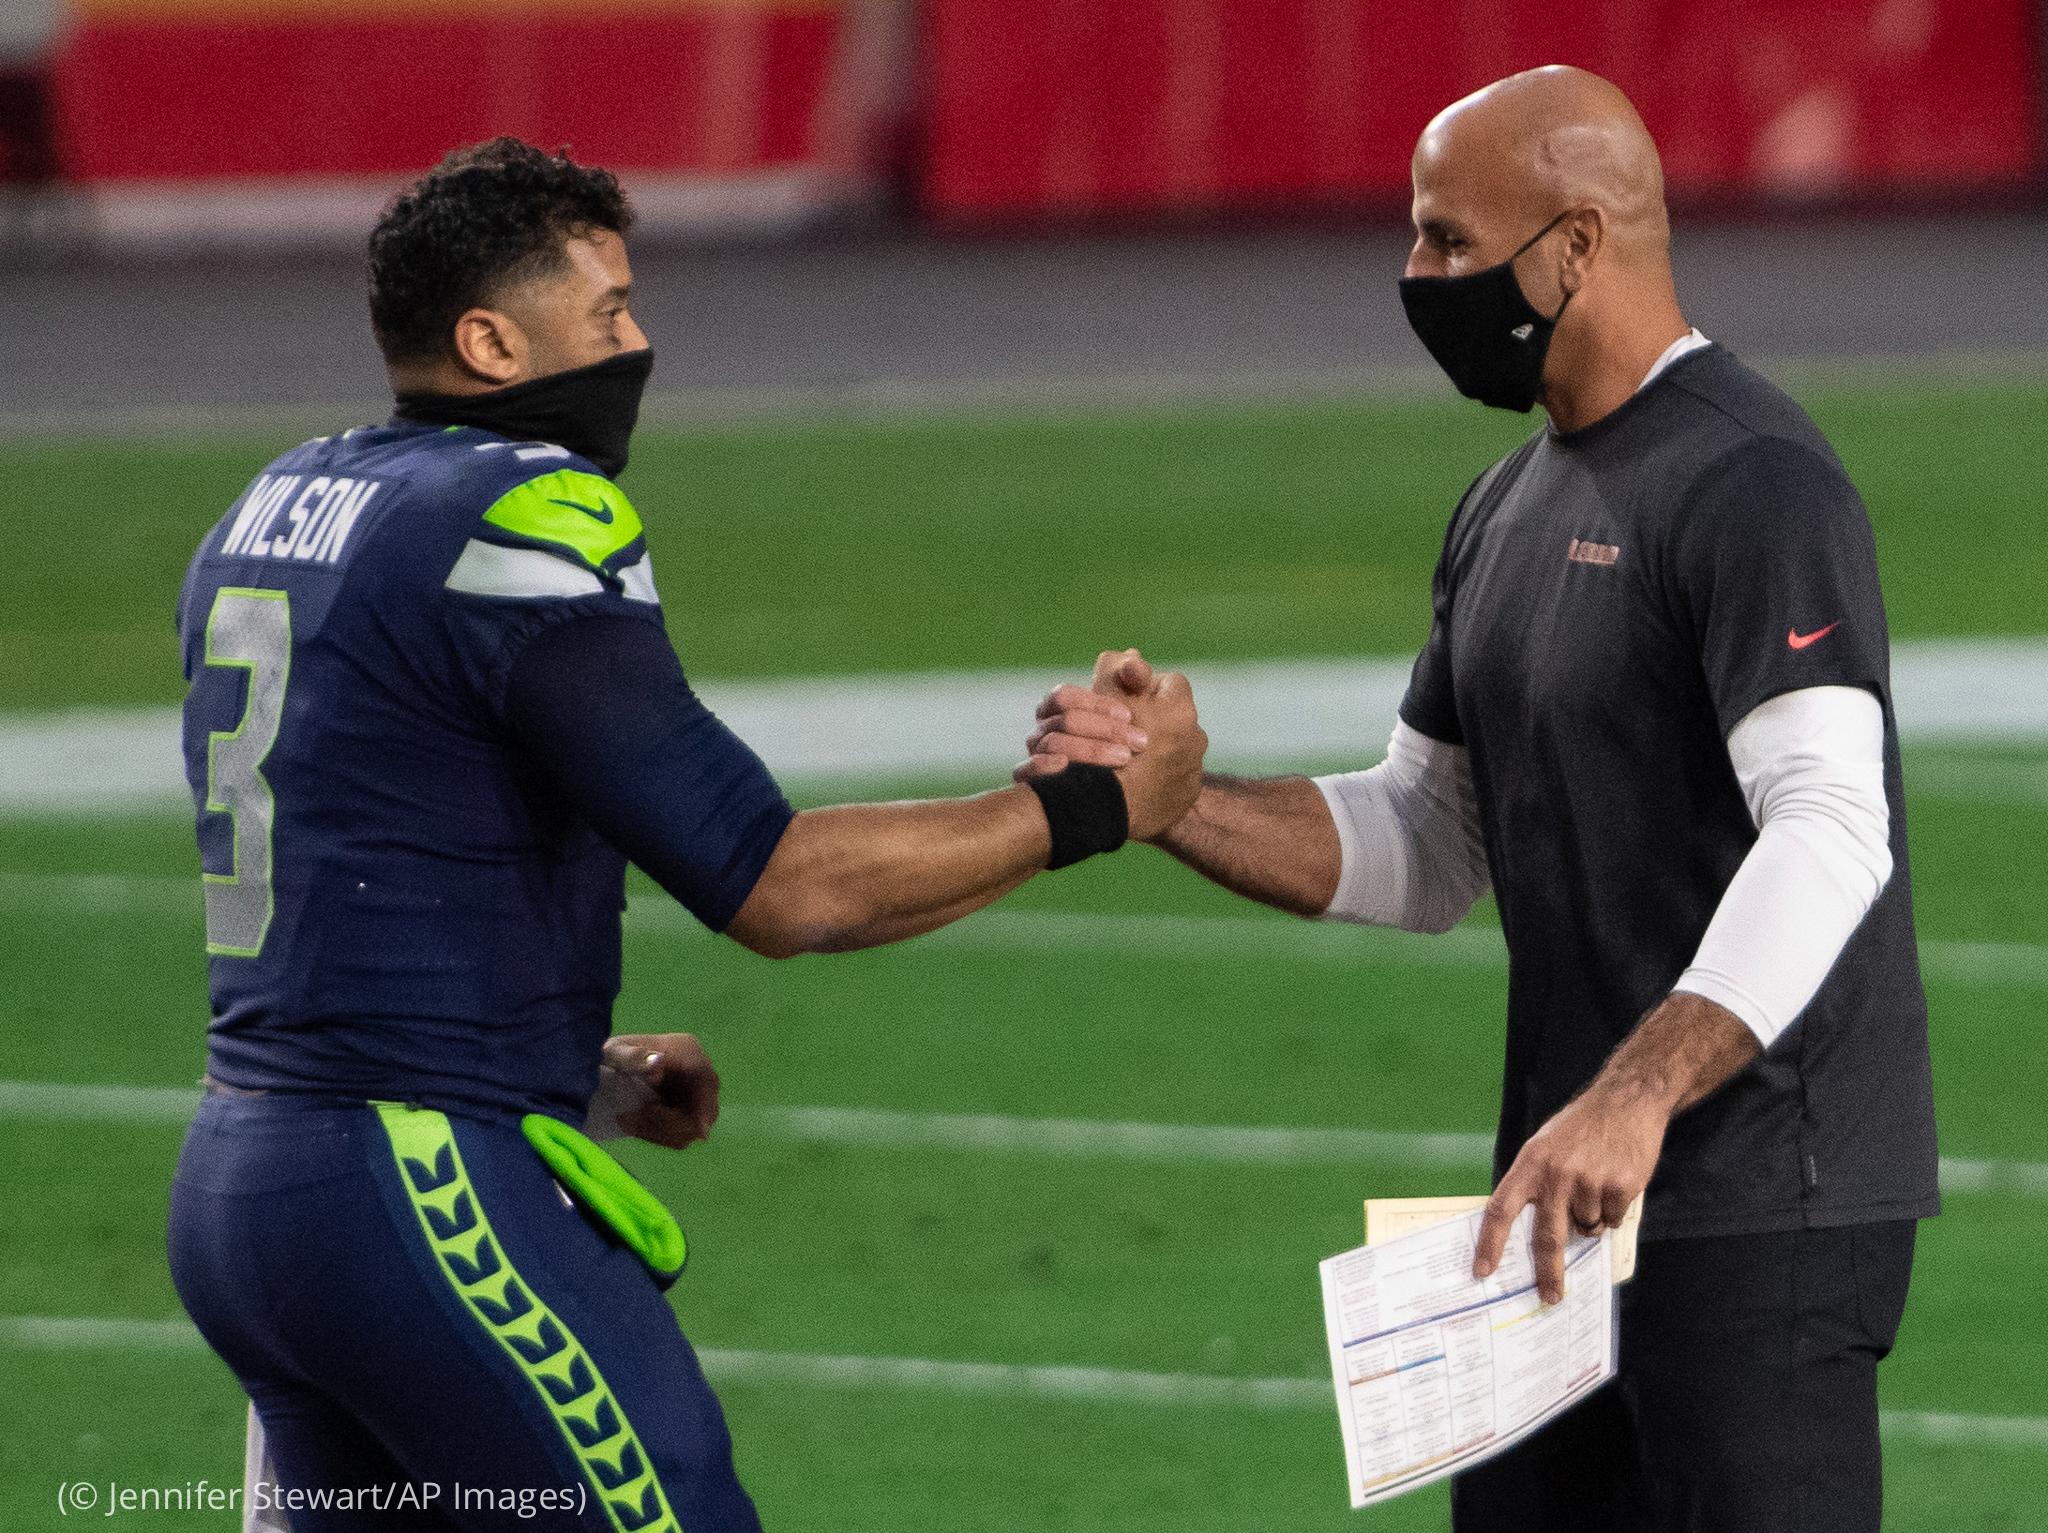 Two men shaking hands on football field (© Jennifer Stewart/AP Images)